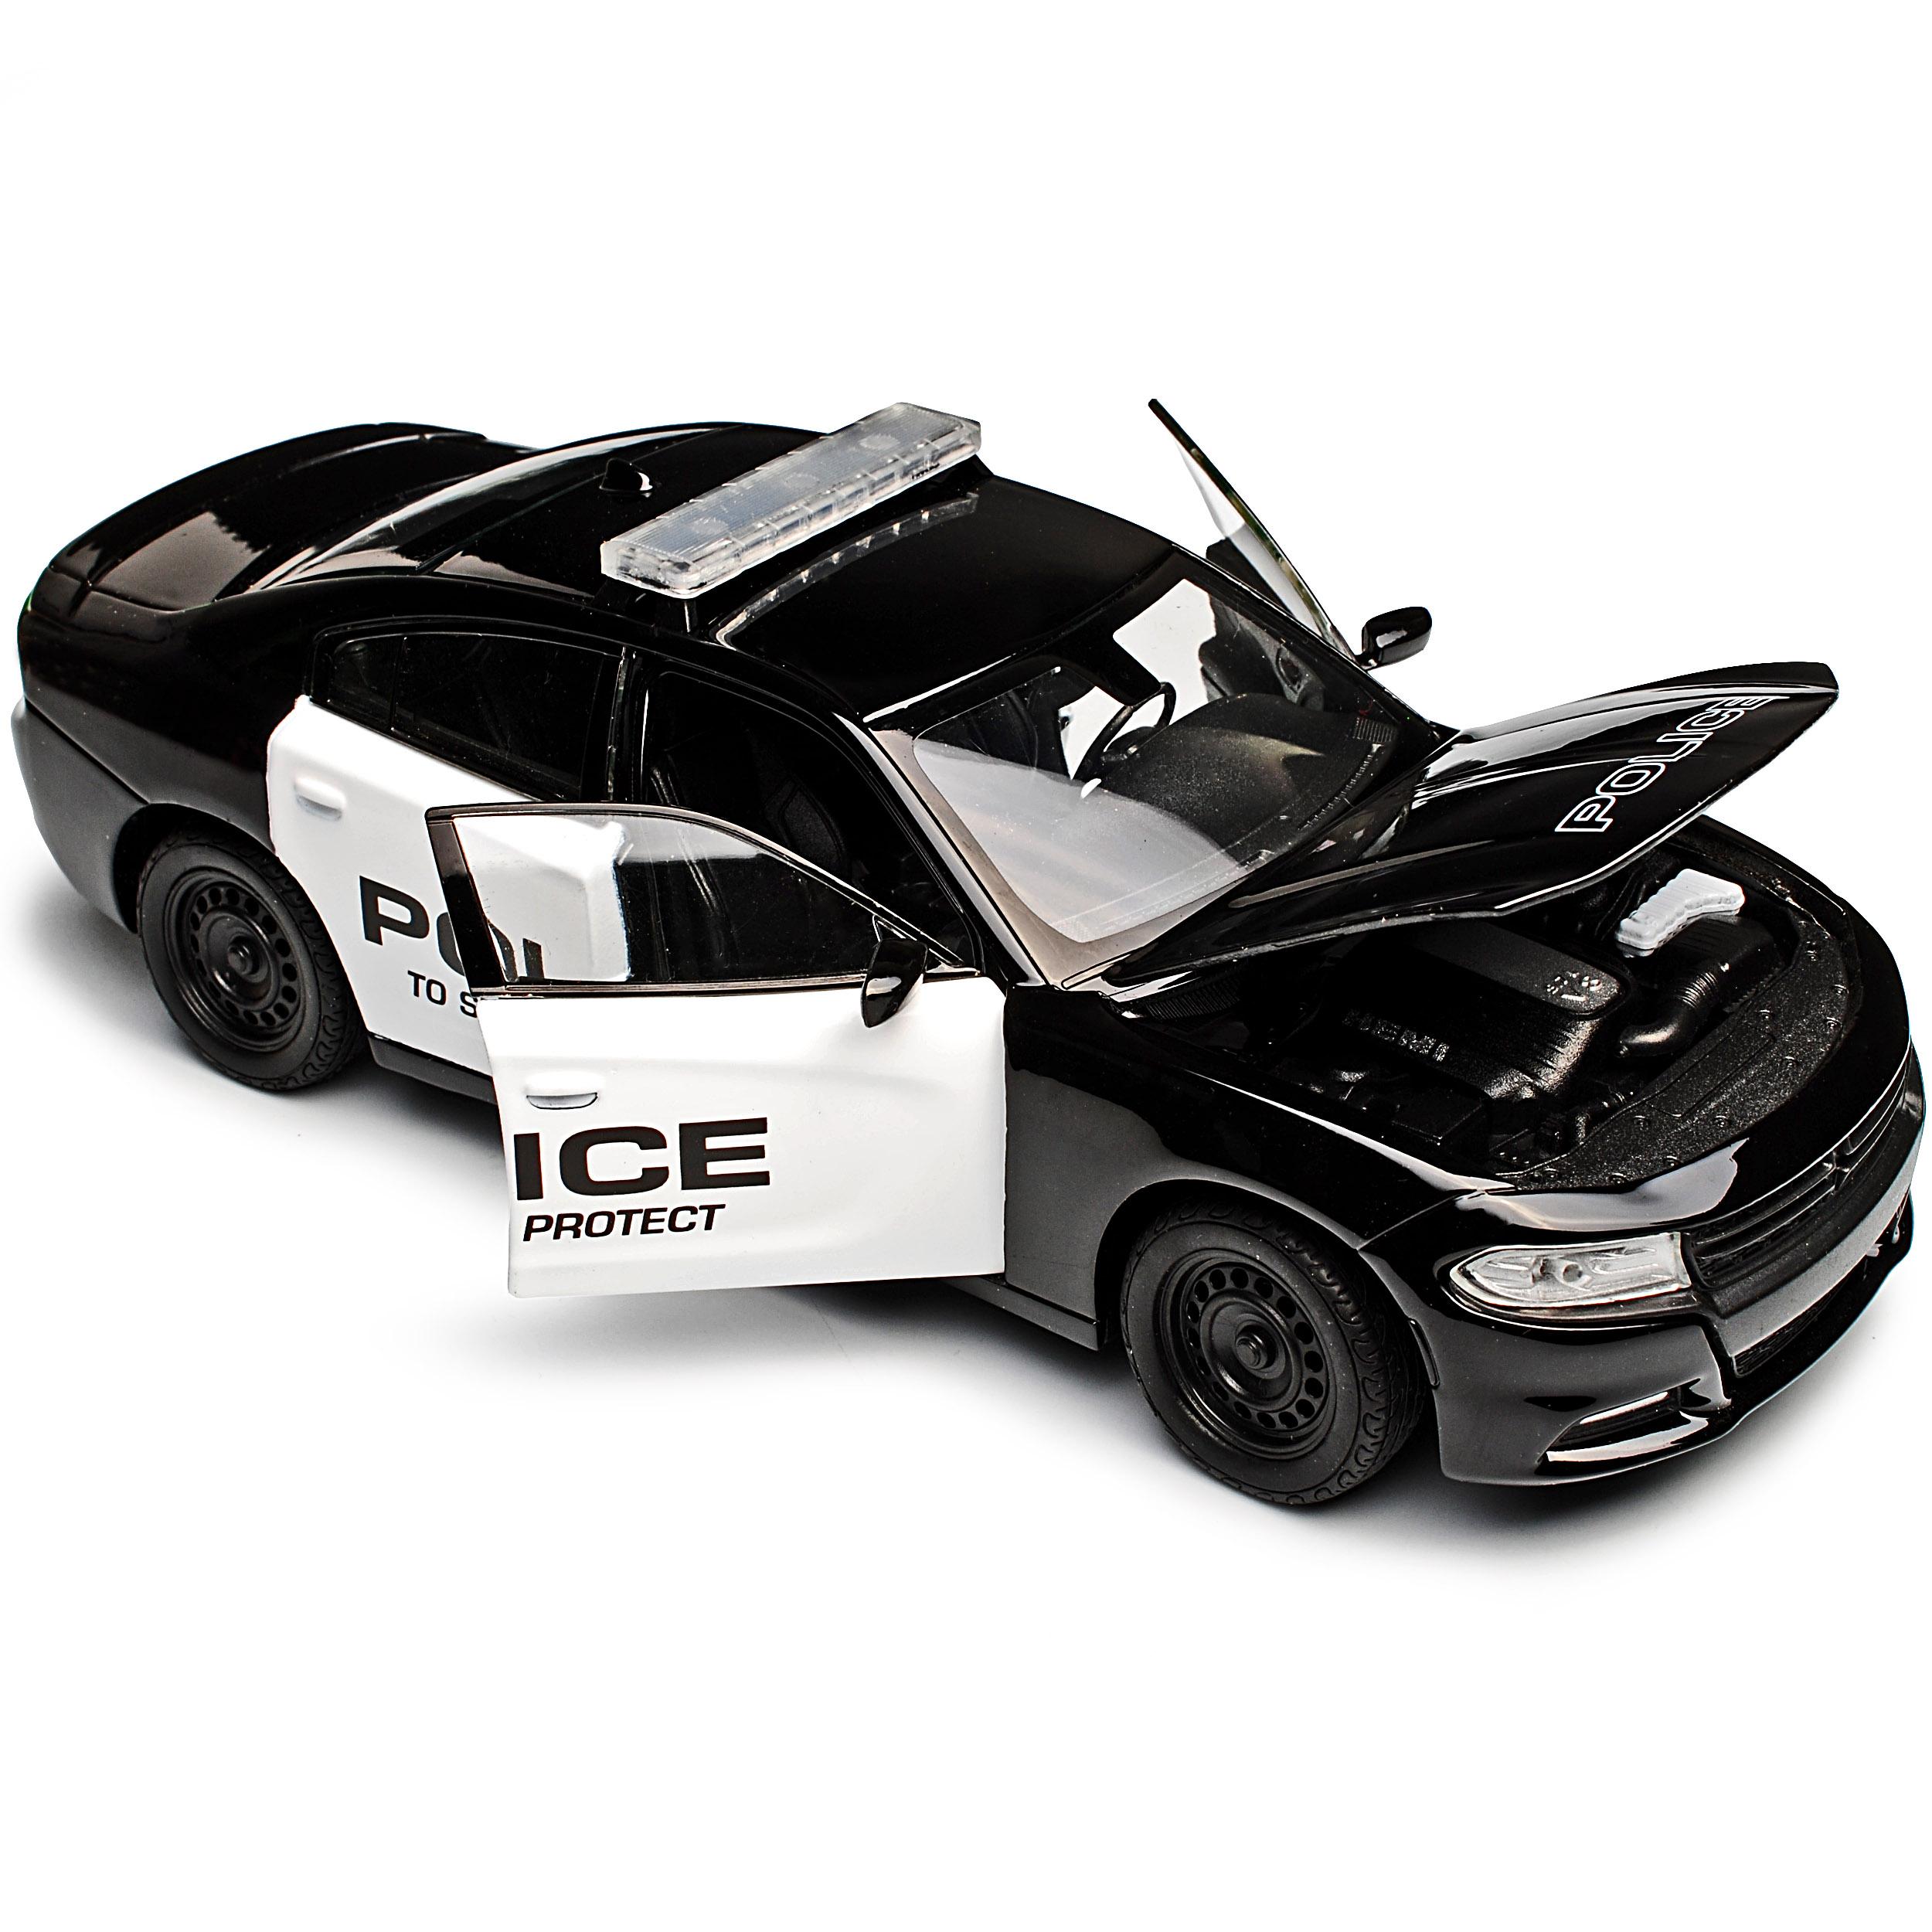 DODGE-CHARGER-R-T-Limousine-Police-Polizia-Nero-a-partire-dal-2016-1-24-Welly-A-modello miniatura 9